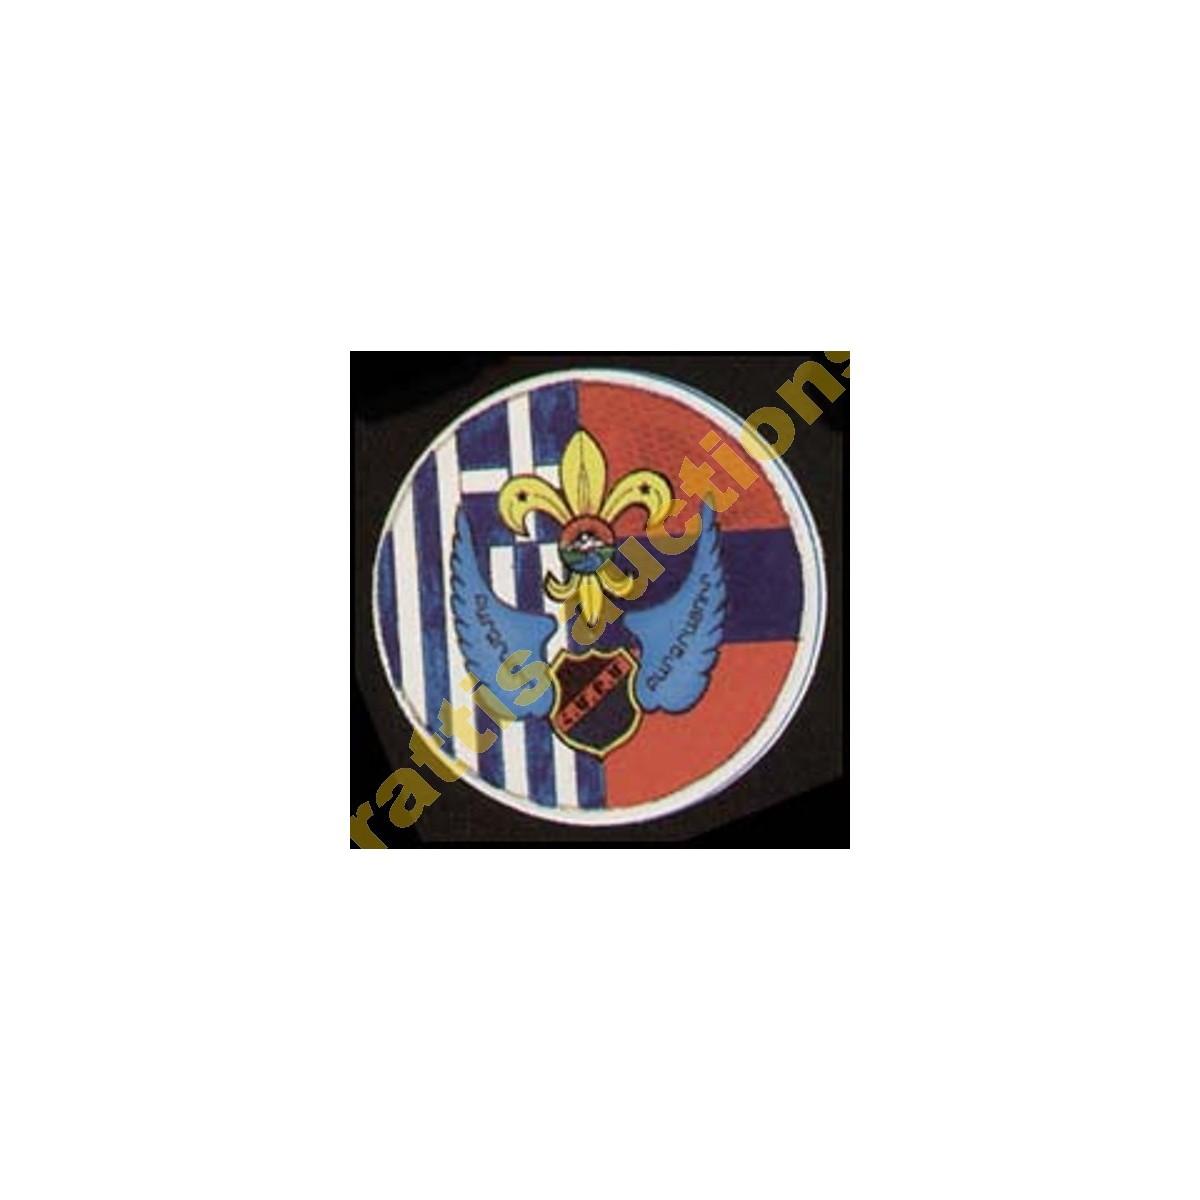 Χάρτινο αυτοκόλλητο σήμα Αρμενίων Προσκόπων Ελλάδας.